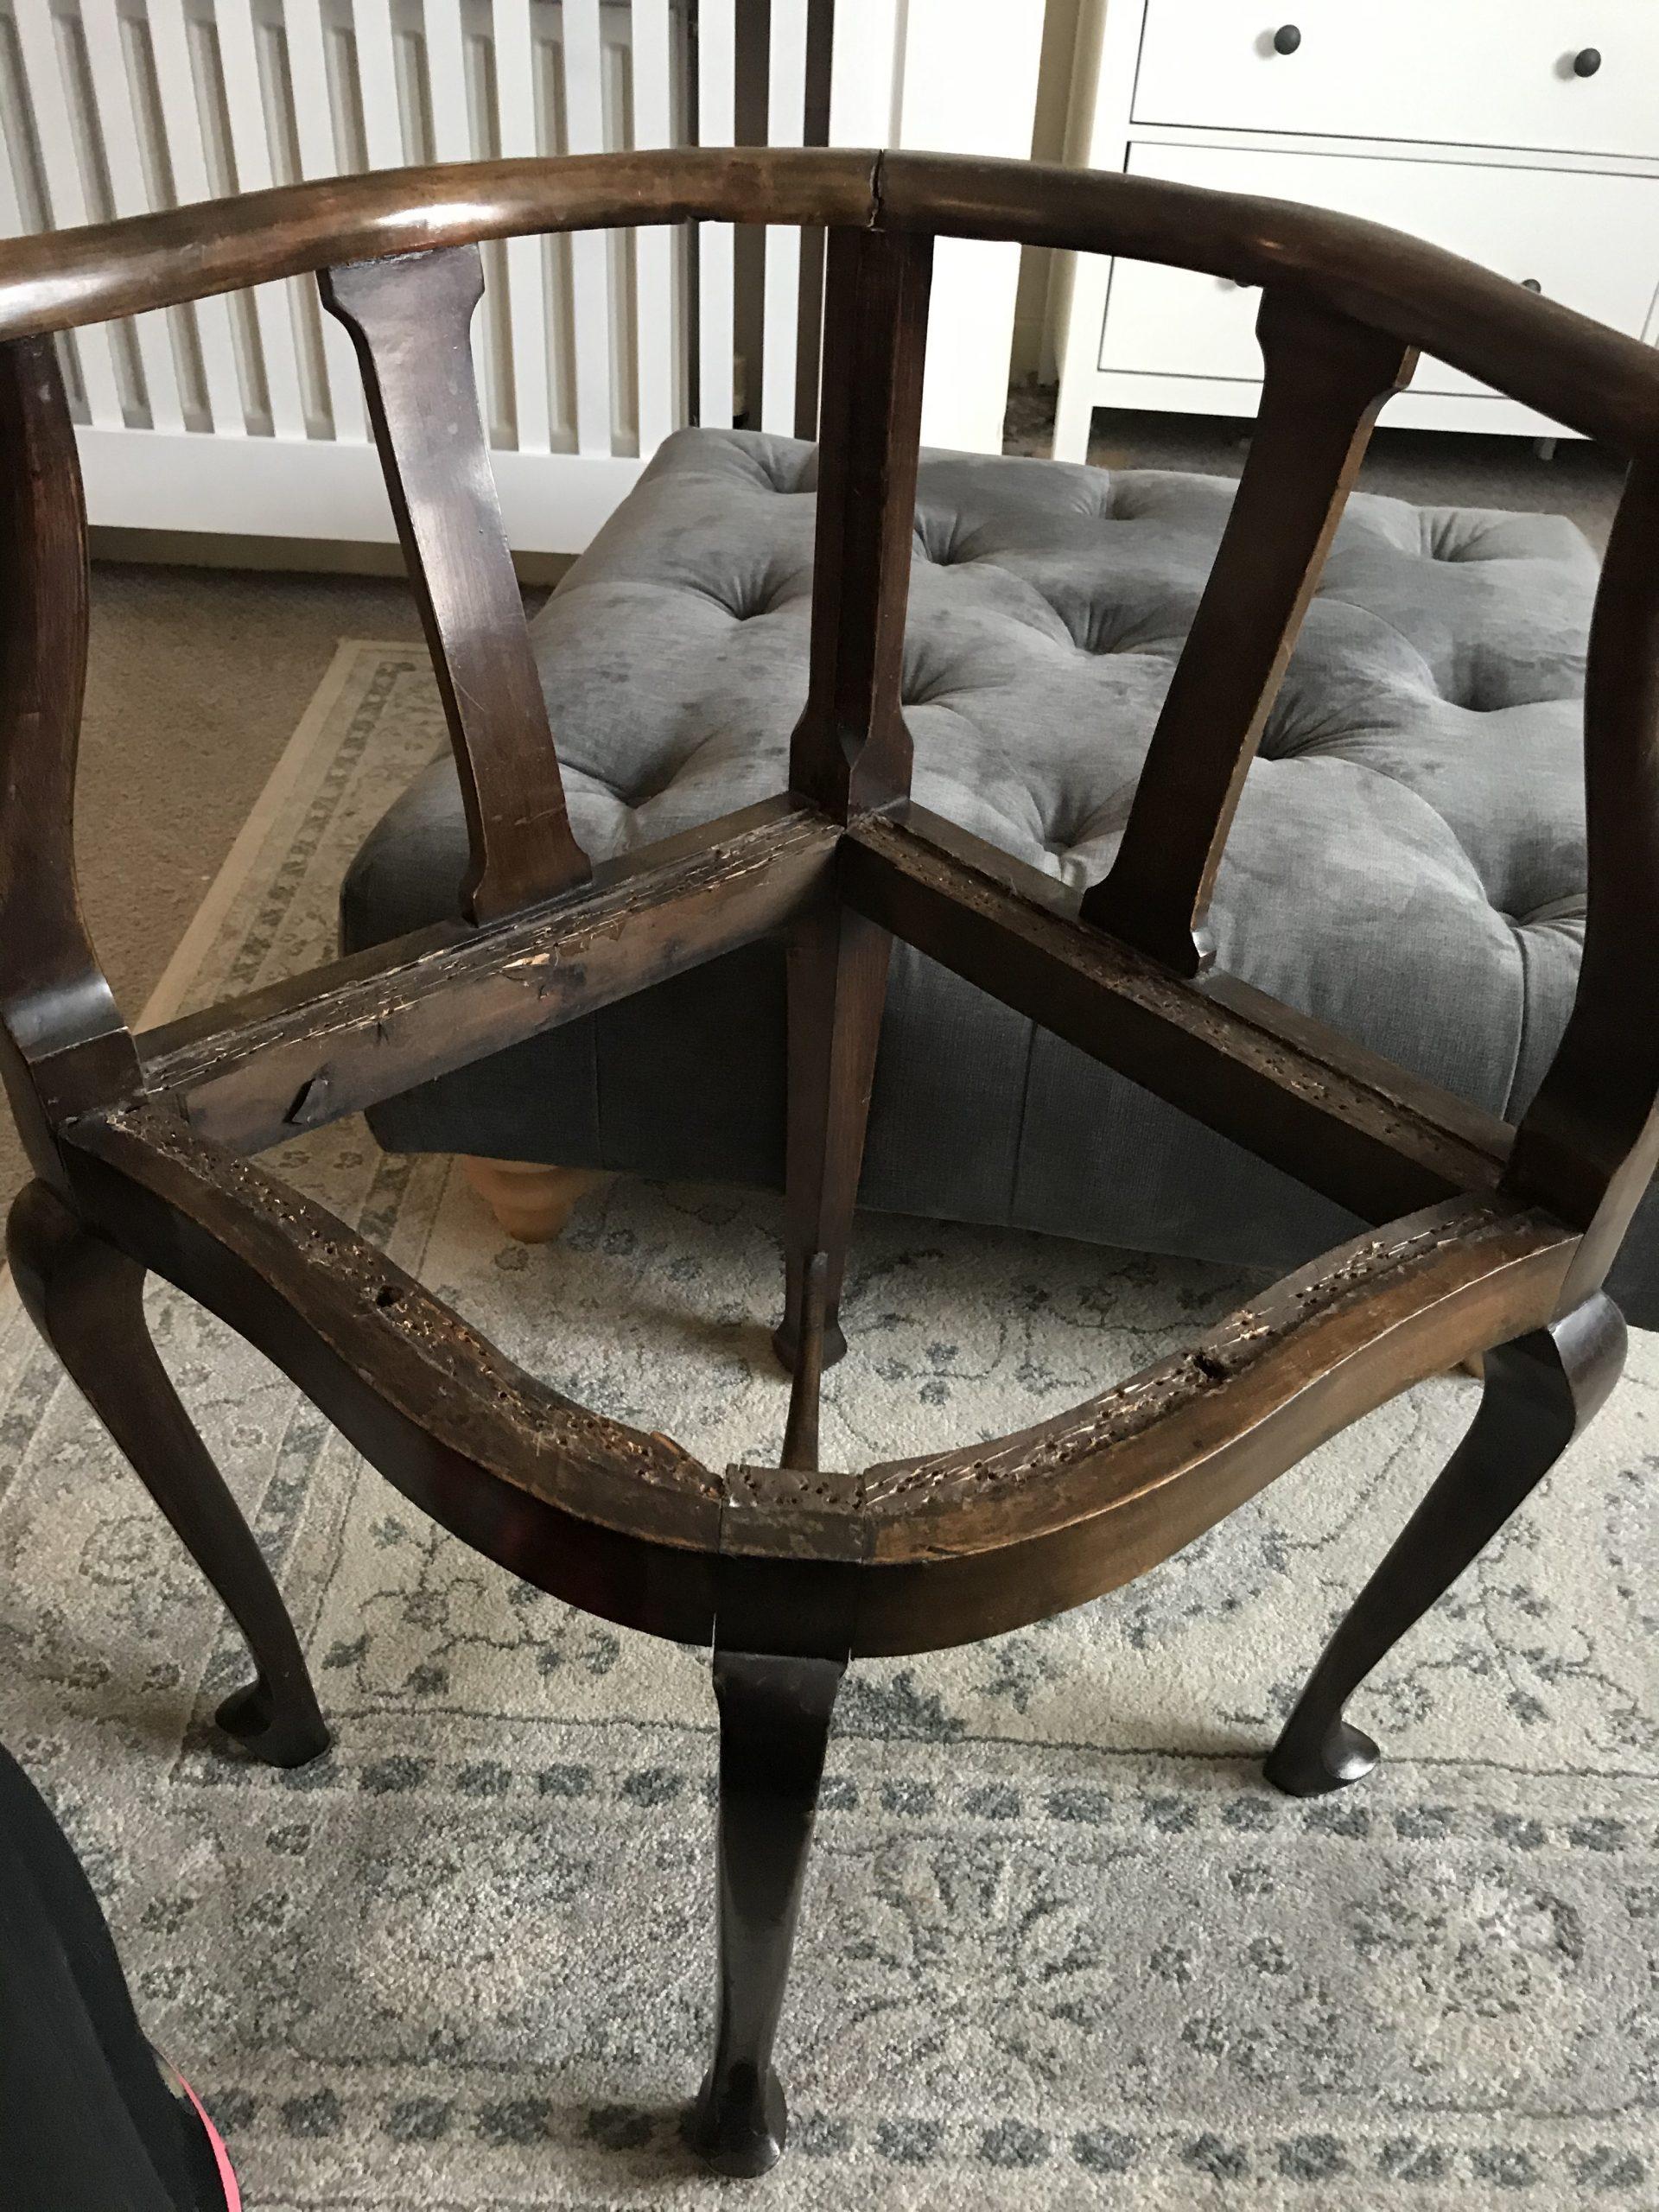 Chair stripped down